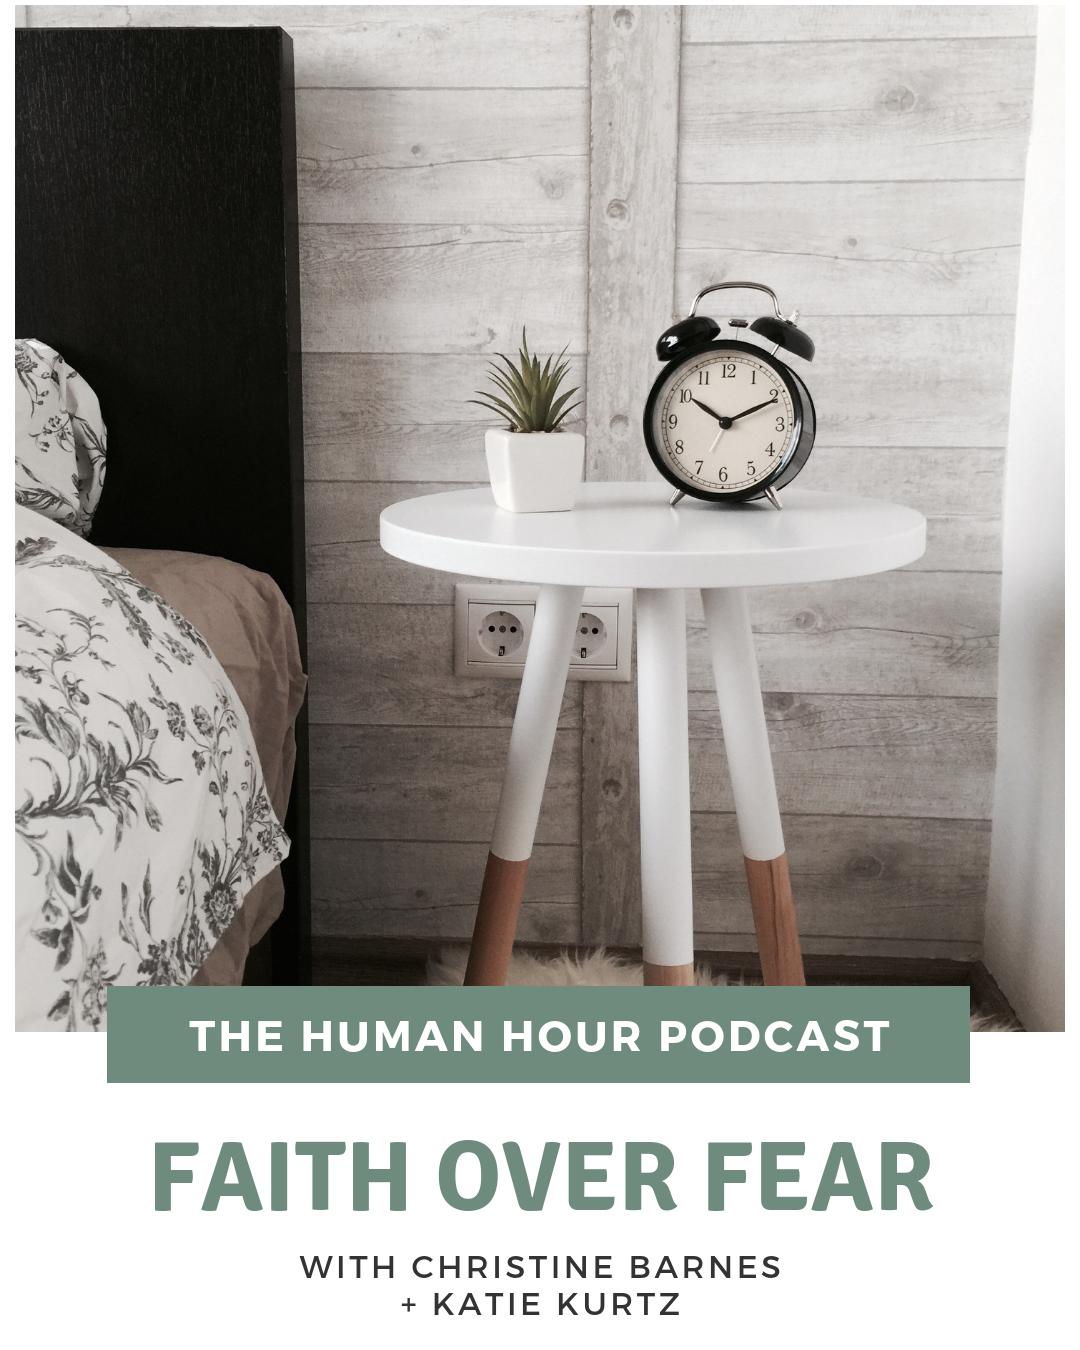 S2 E5: Faith over Fear with Christine Barnes + Katie Kurtz